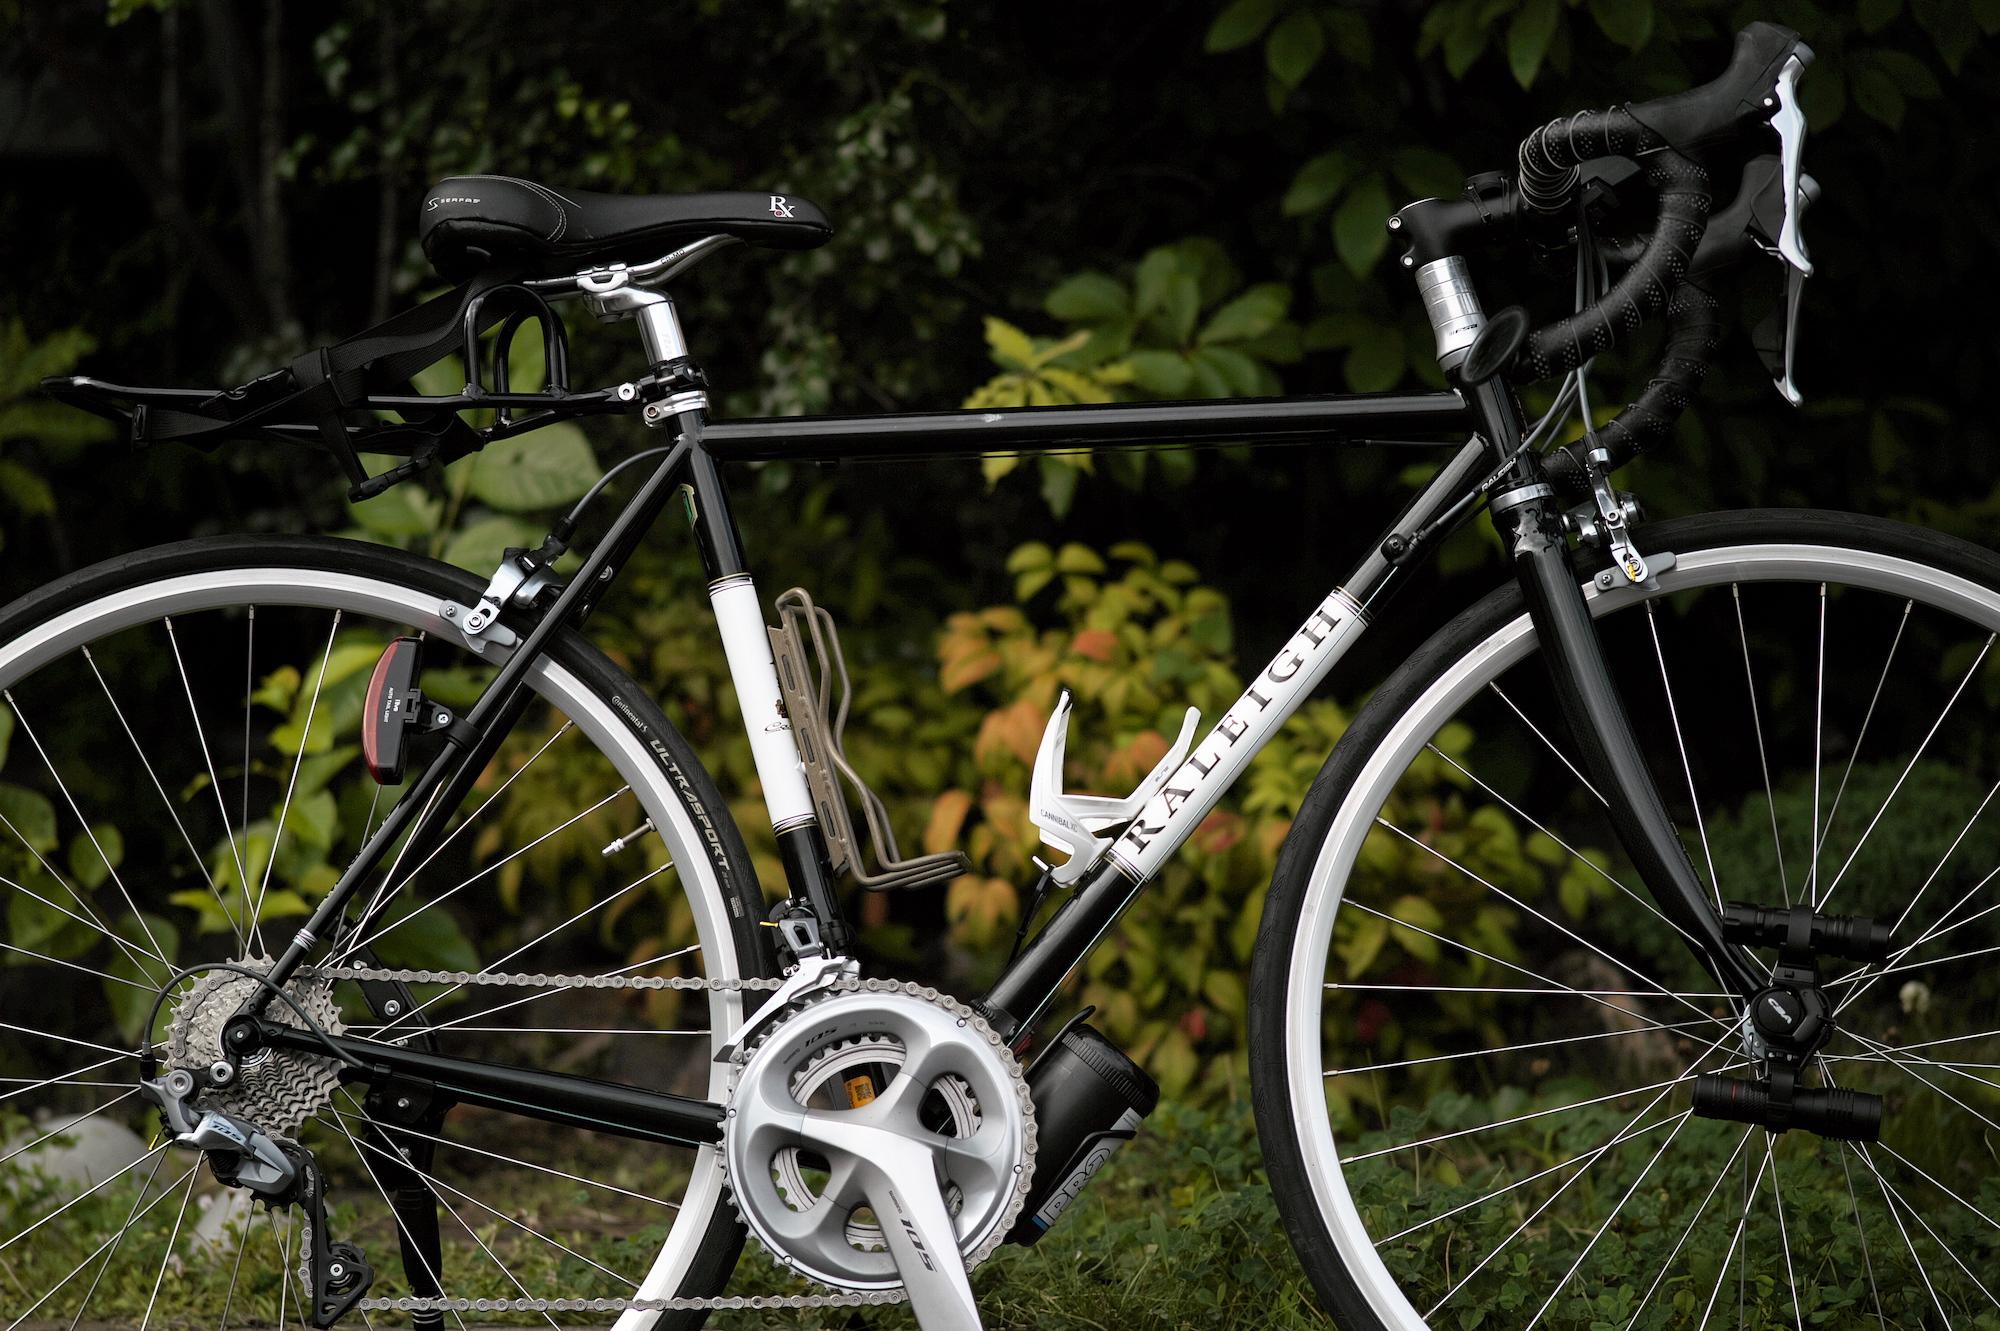 望遠レンズで撮ったロードバイク・ラレーCRF